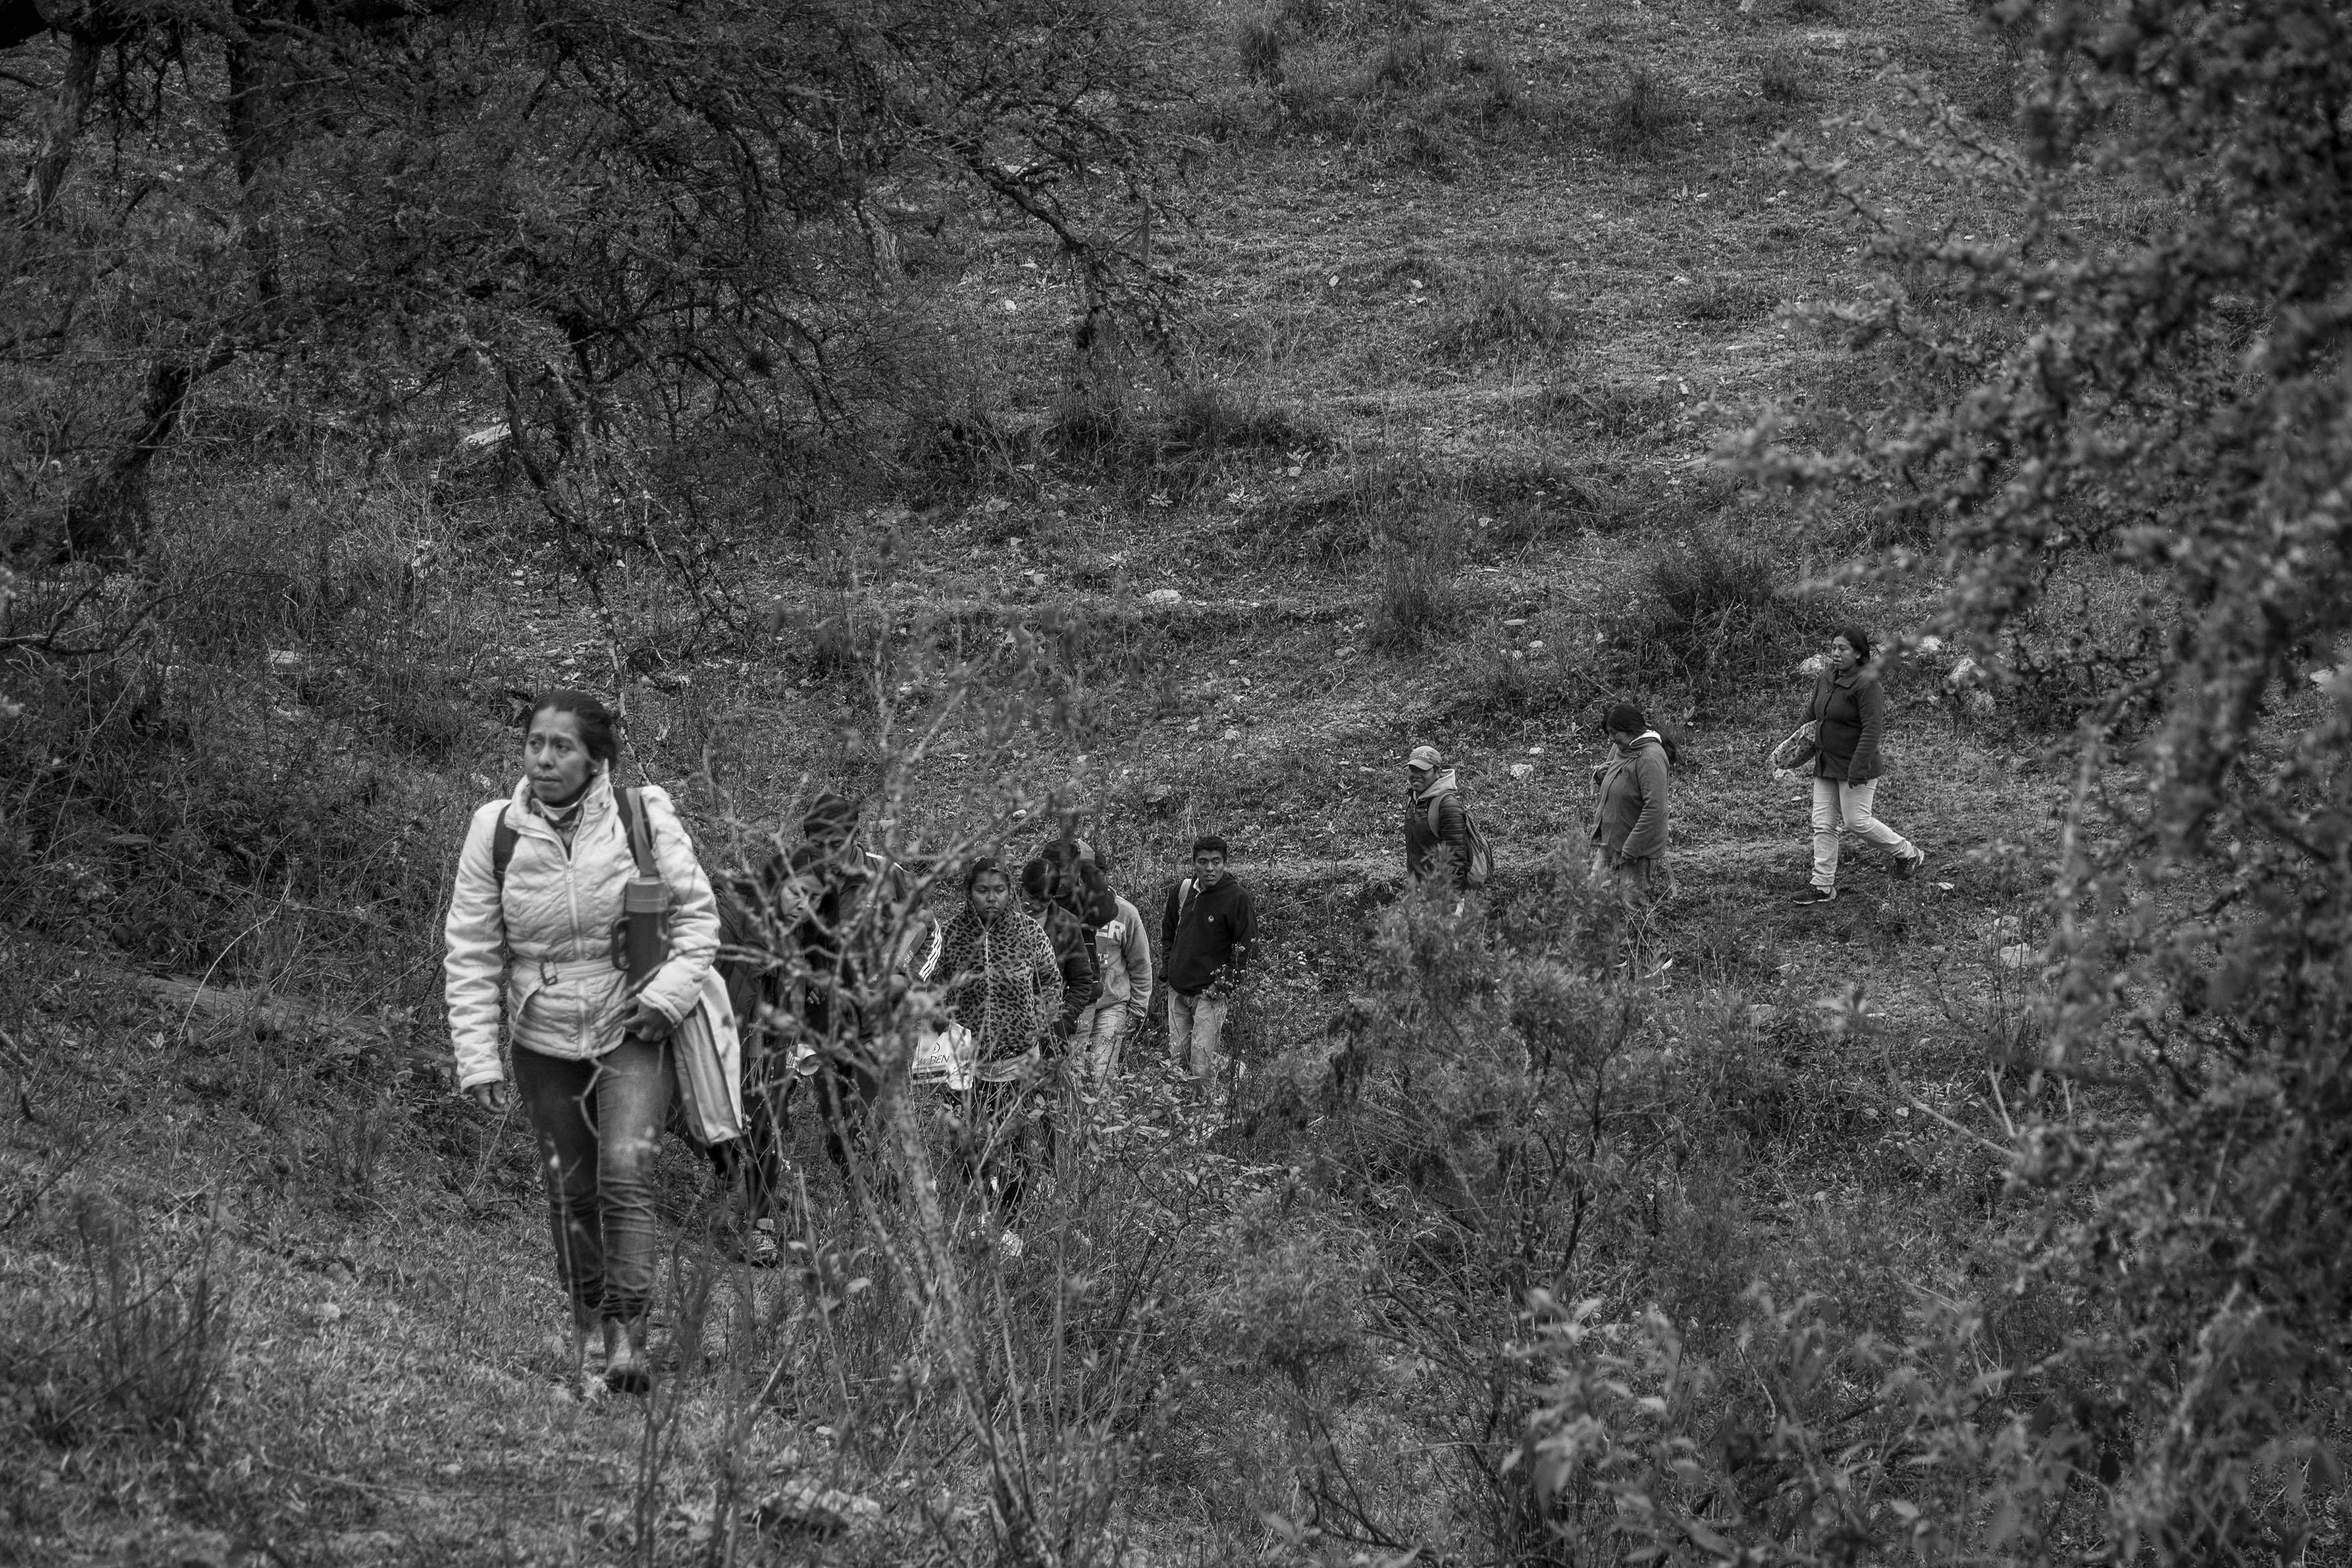 El Chorro, Tucumán, Argentina. Octubre 02/2018. Reconstrucción del asesinato a Javier Chocobar. Integrantes de la Comunidad Indígena Los Chuschagasta llegan al lugar de la reconstrucción.